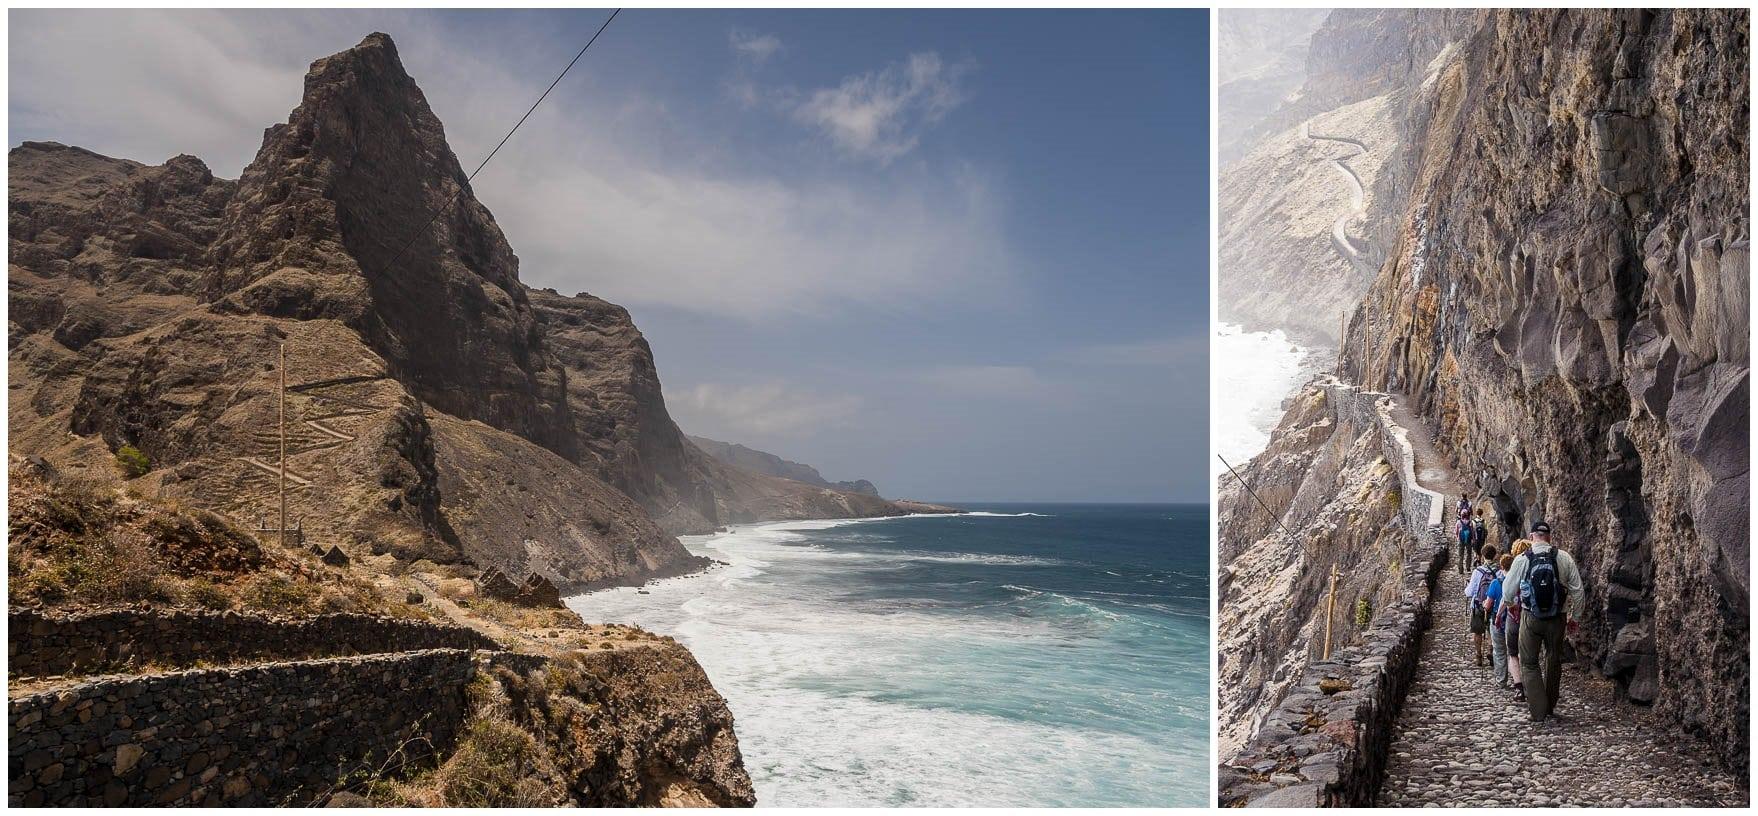 Raue Küste der Kapverden